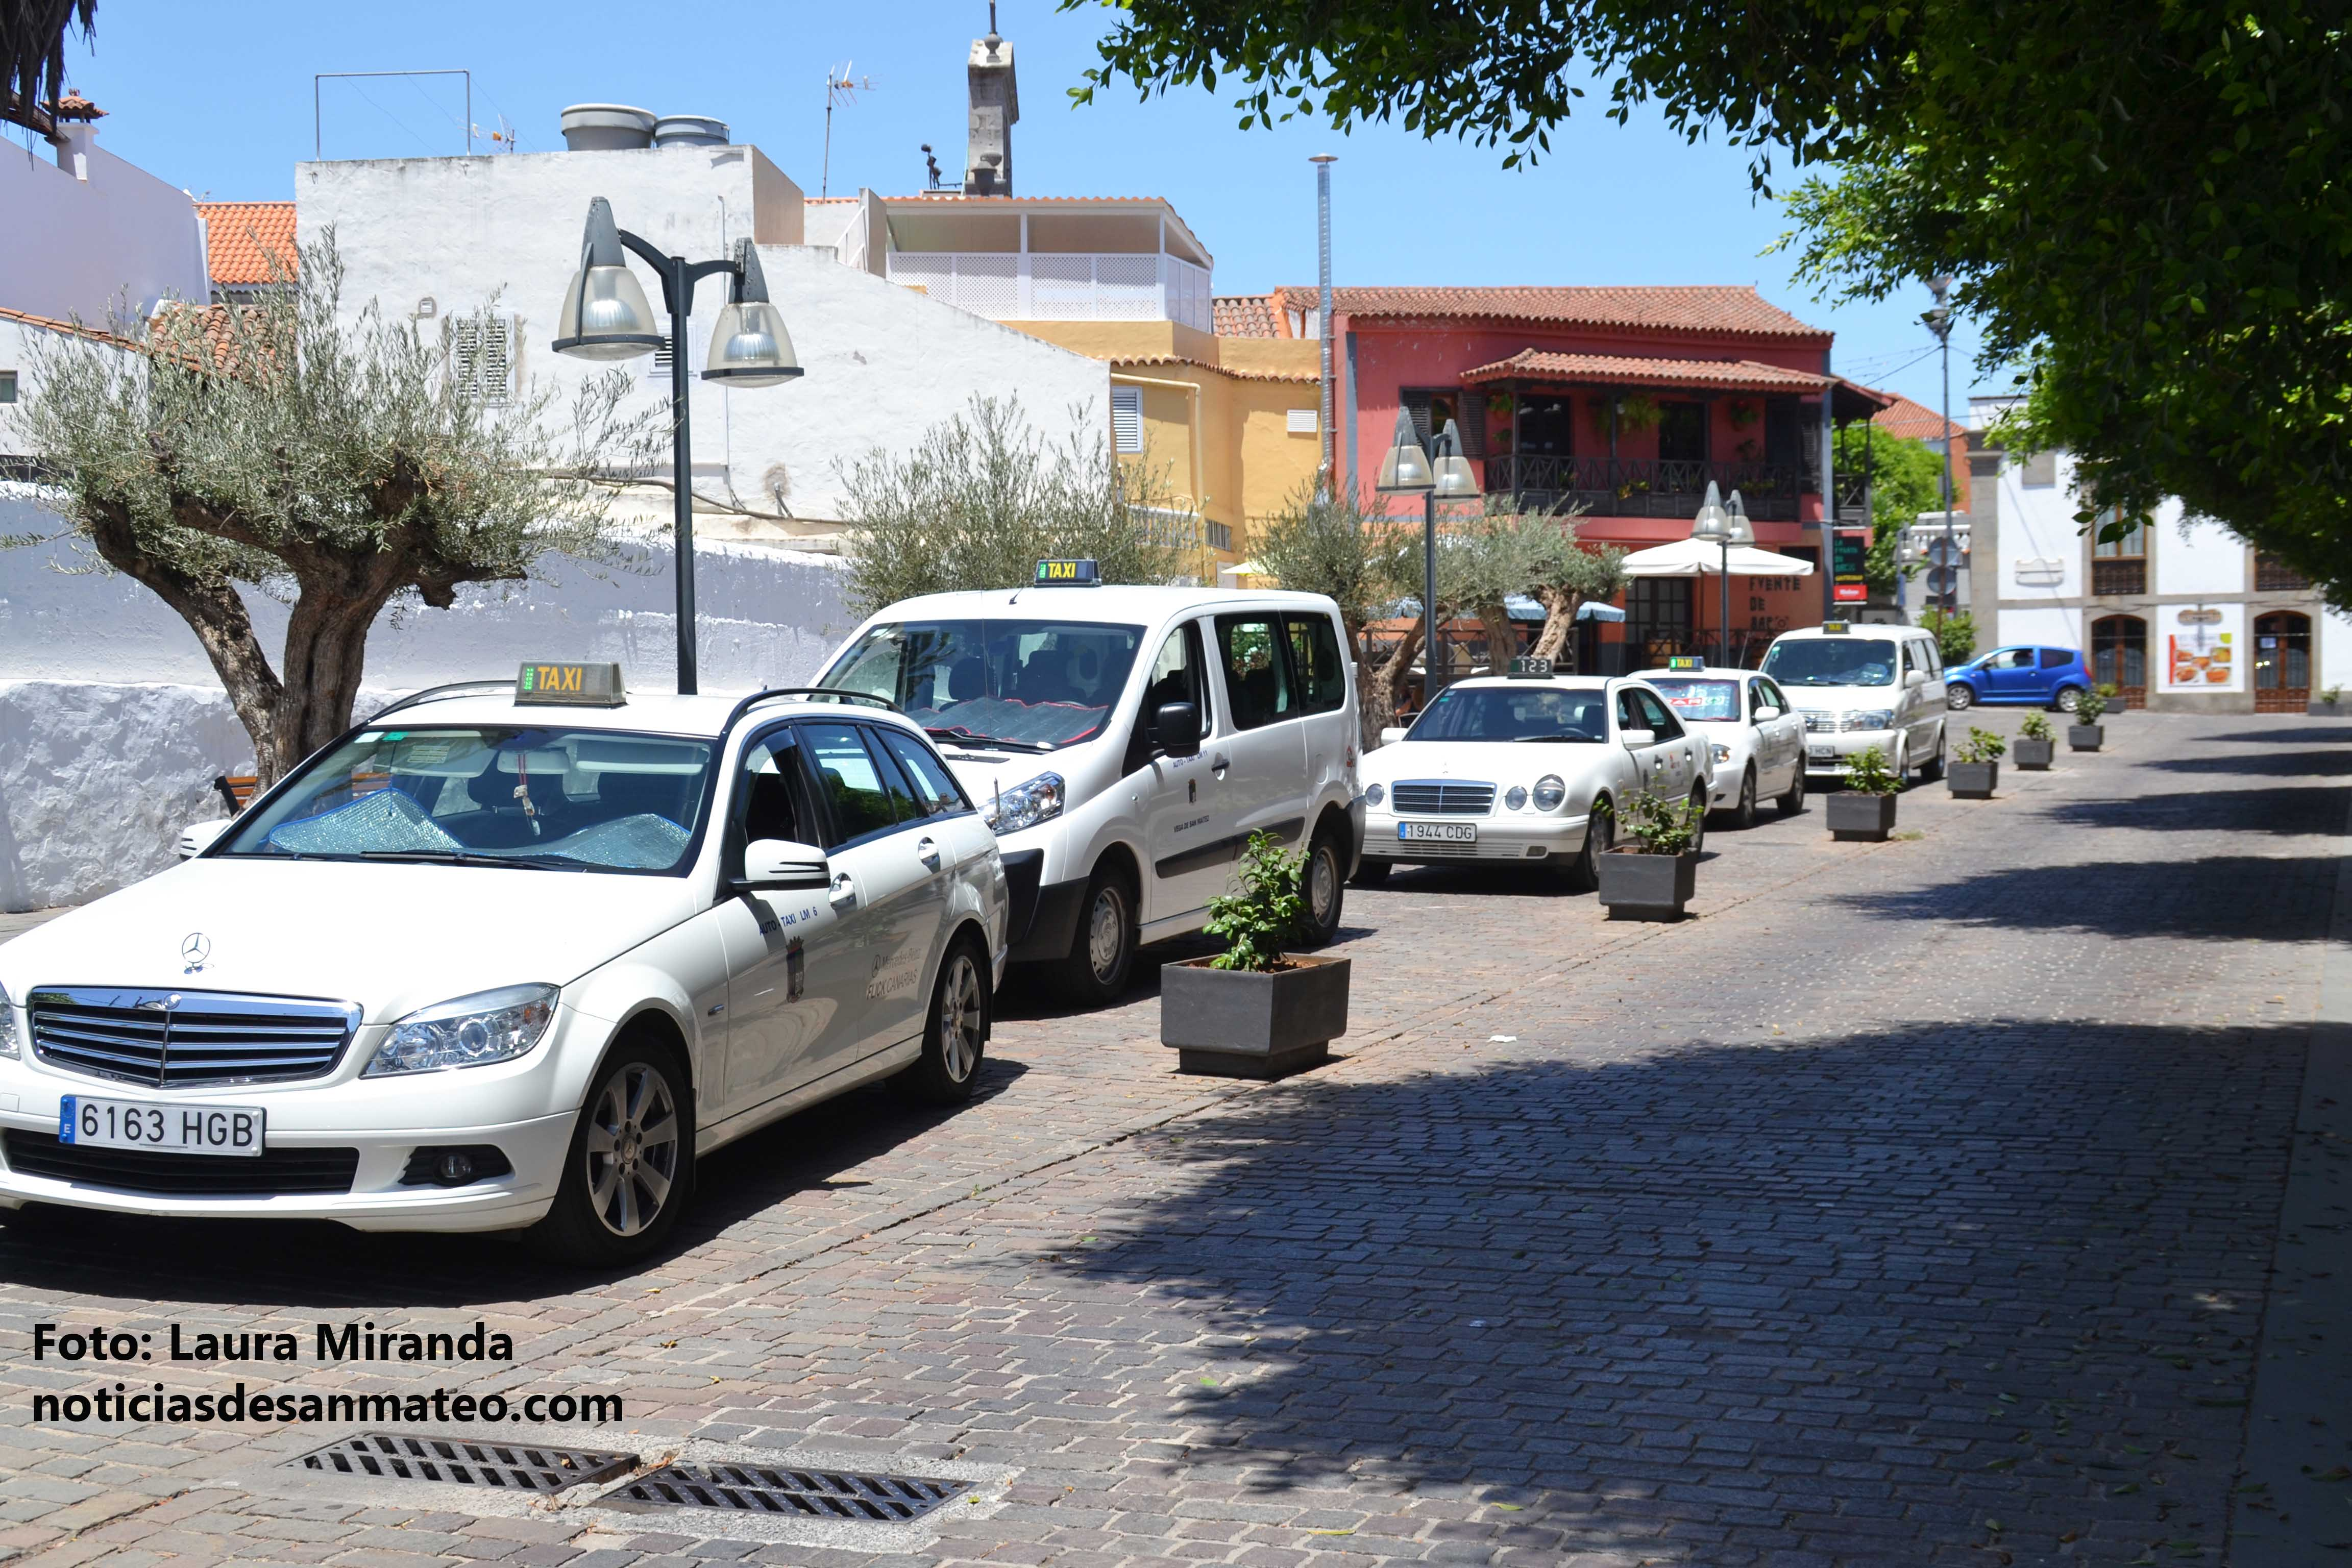 Parada taxis 2016 foto laura miranda noticias de san mateo